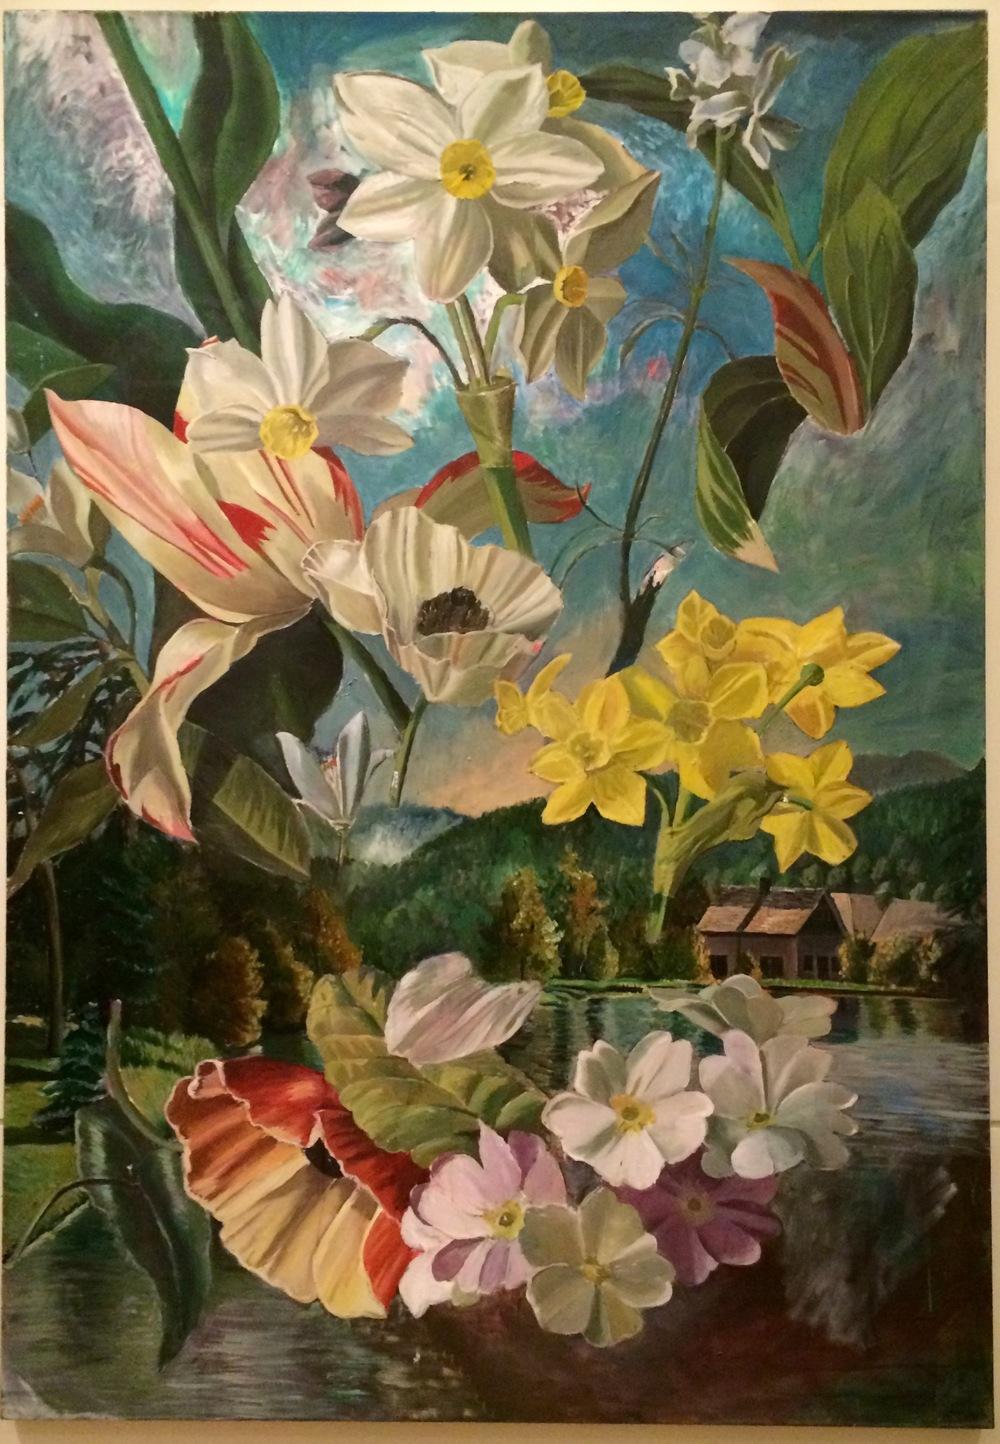 Annemie Von Wulfen, Untitled , 2013, olie op canvas, 200x140 cm,Galerie Meyer Kainer